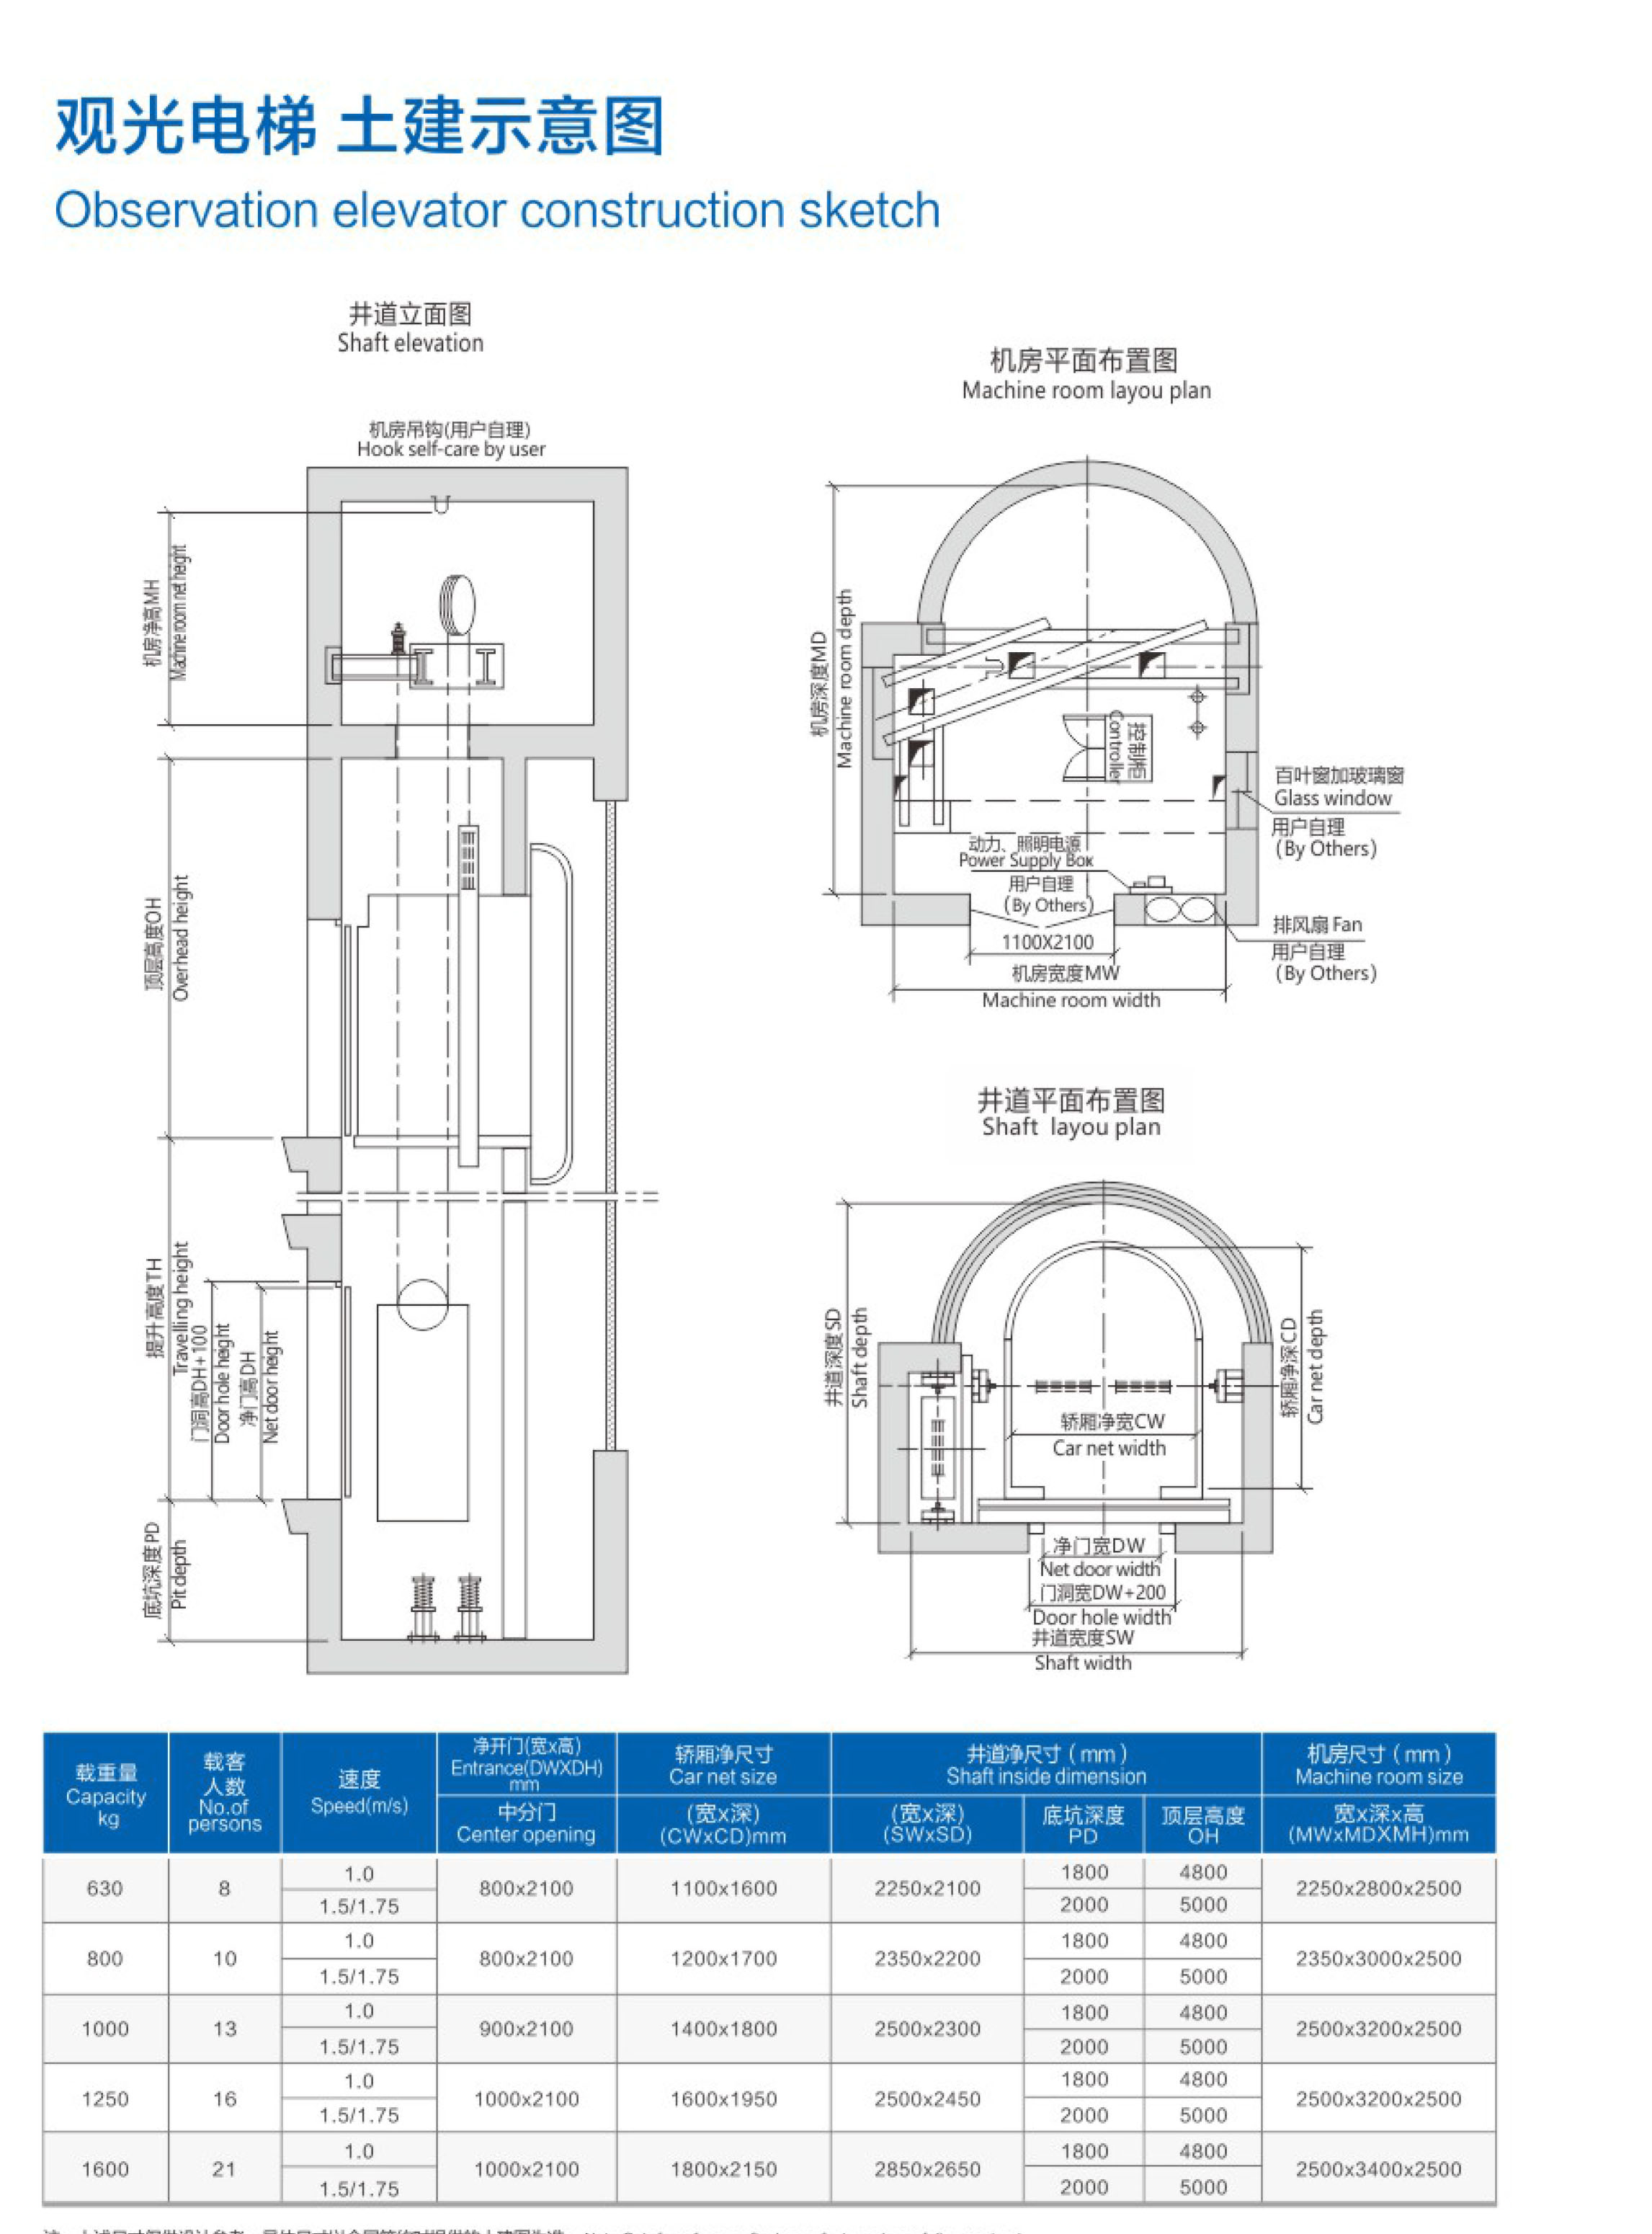 福建观光电梯